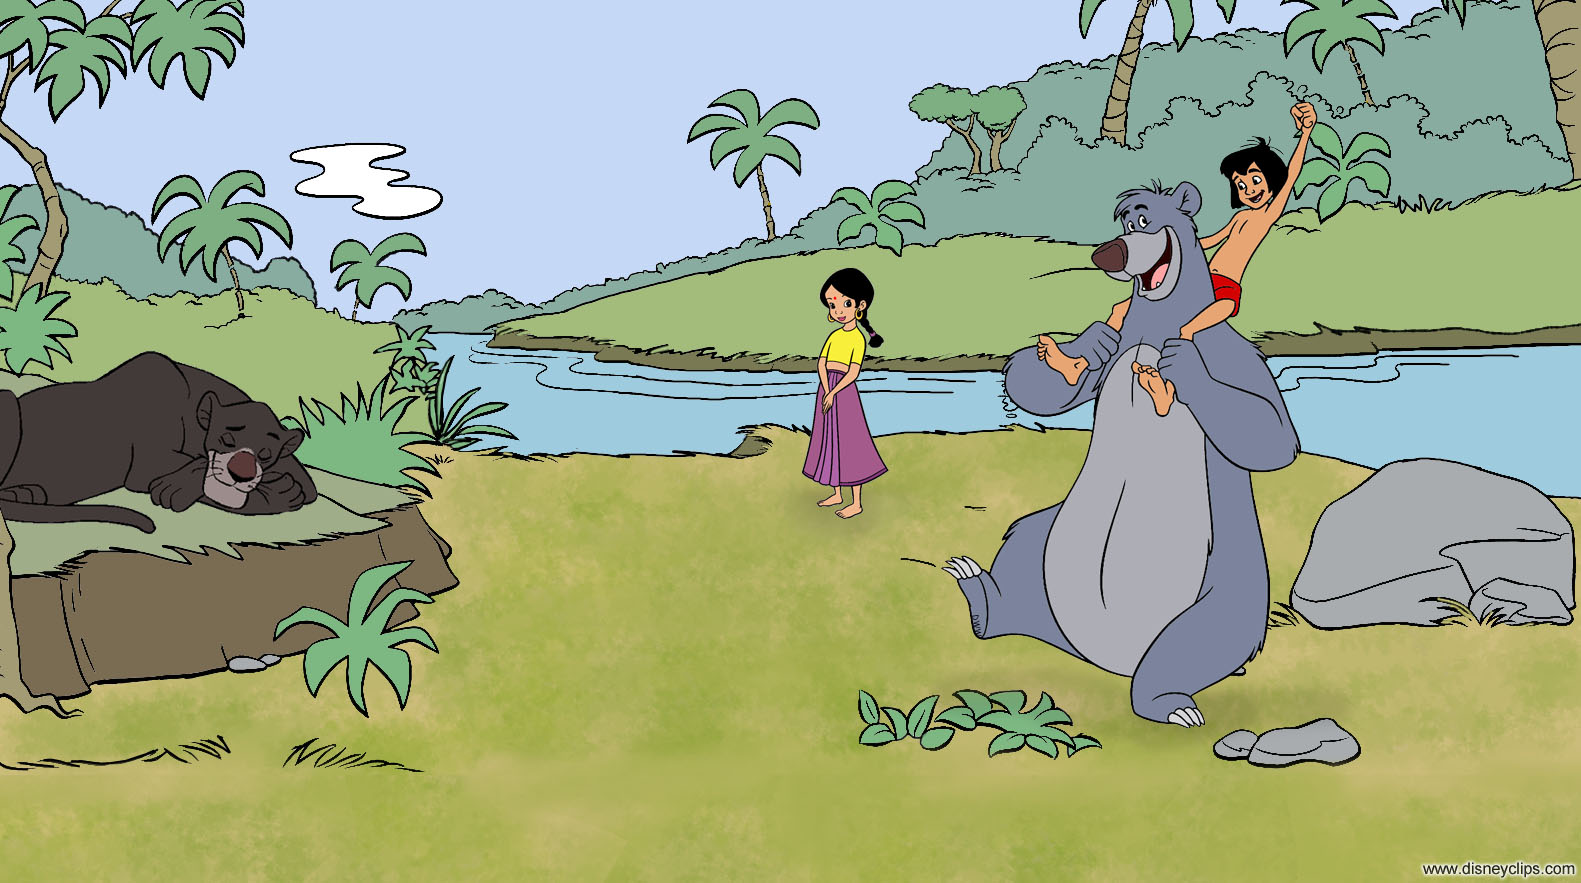 The Jungle Book Wallpaper Disneyclips Com